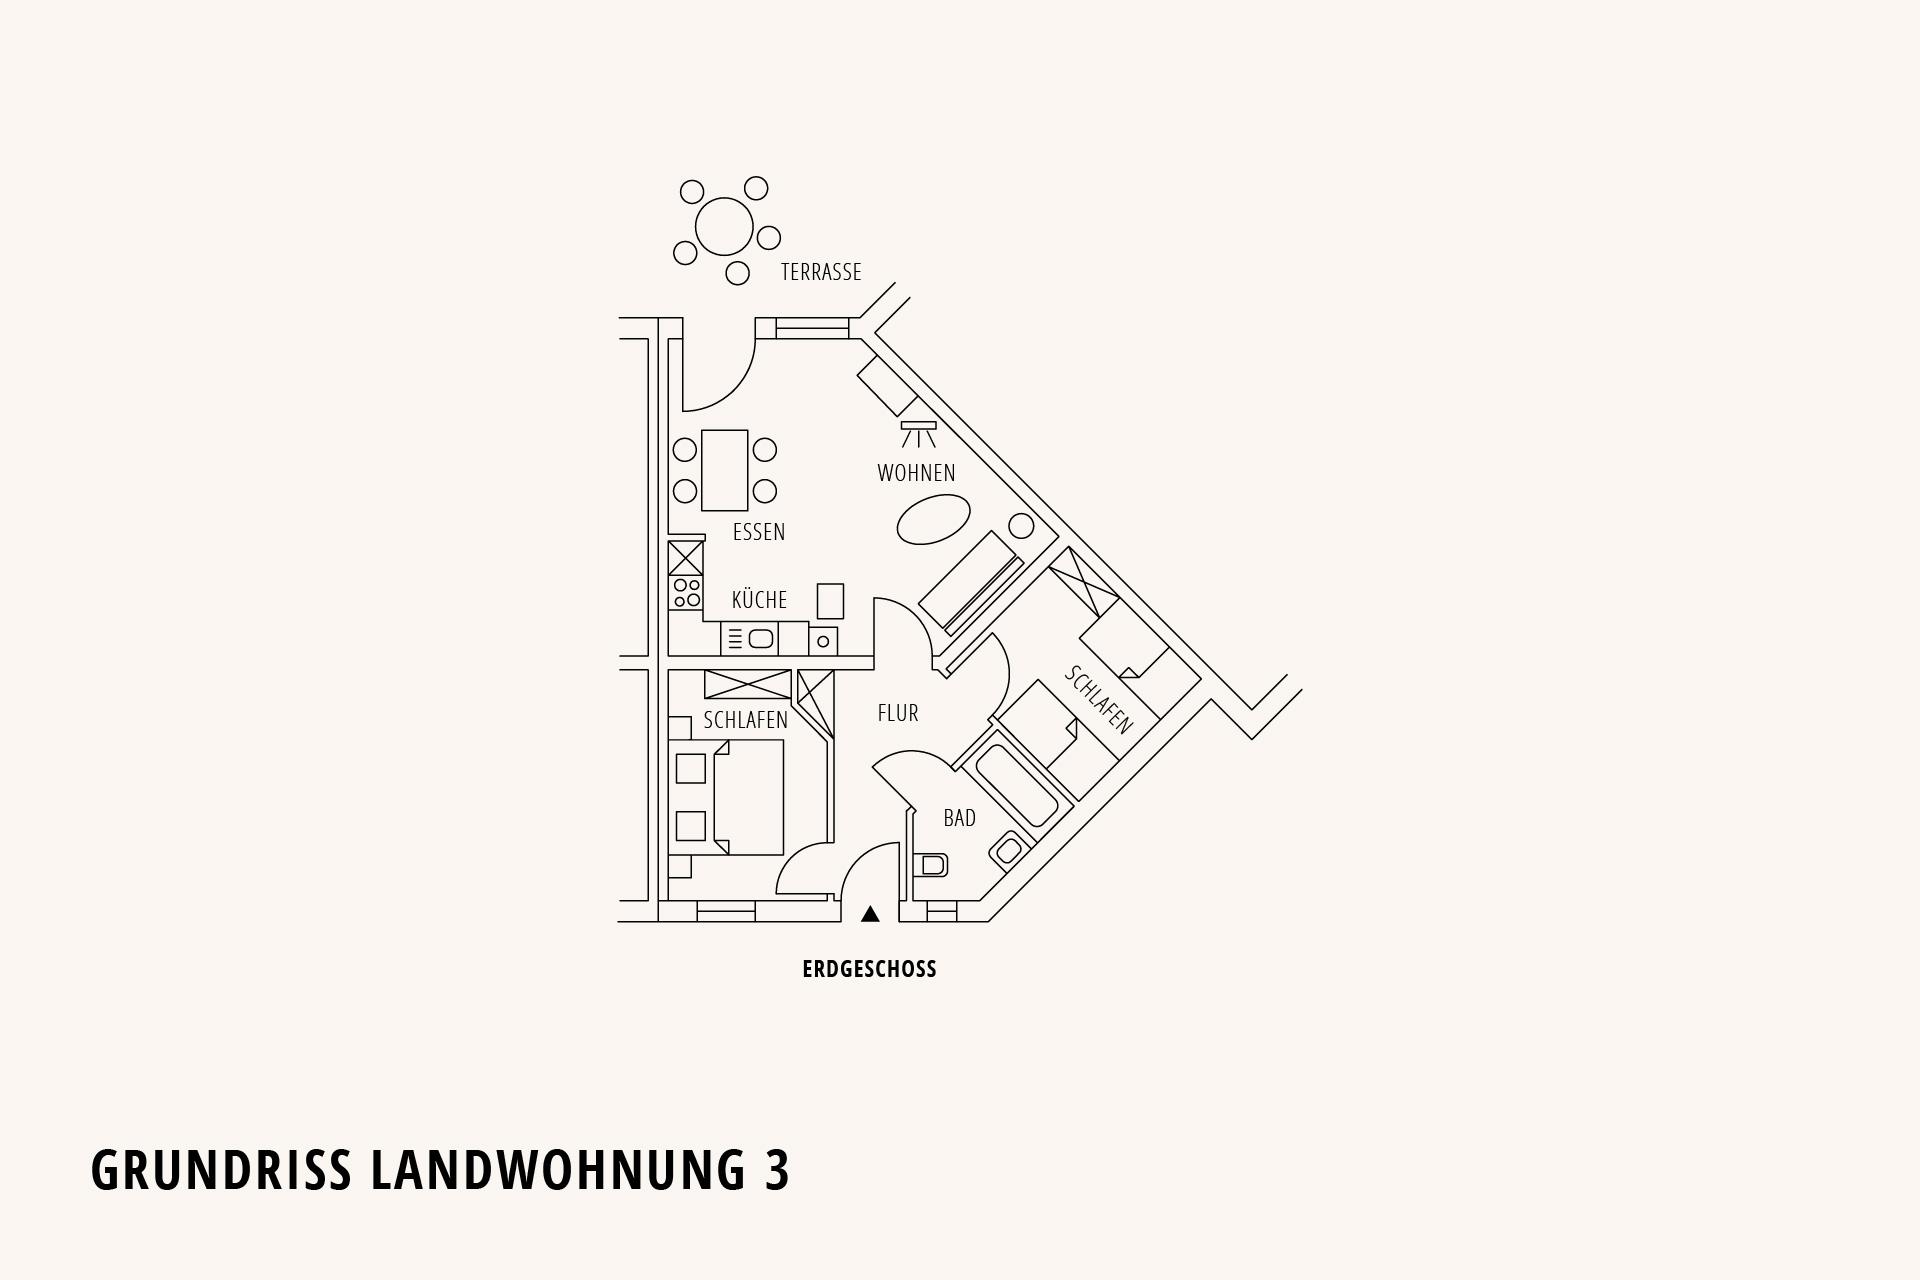 Landwohnung_3_Grundriss